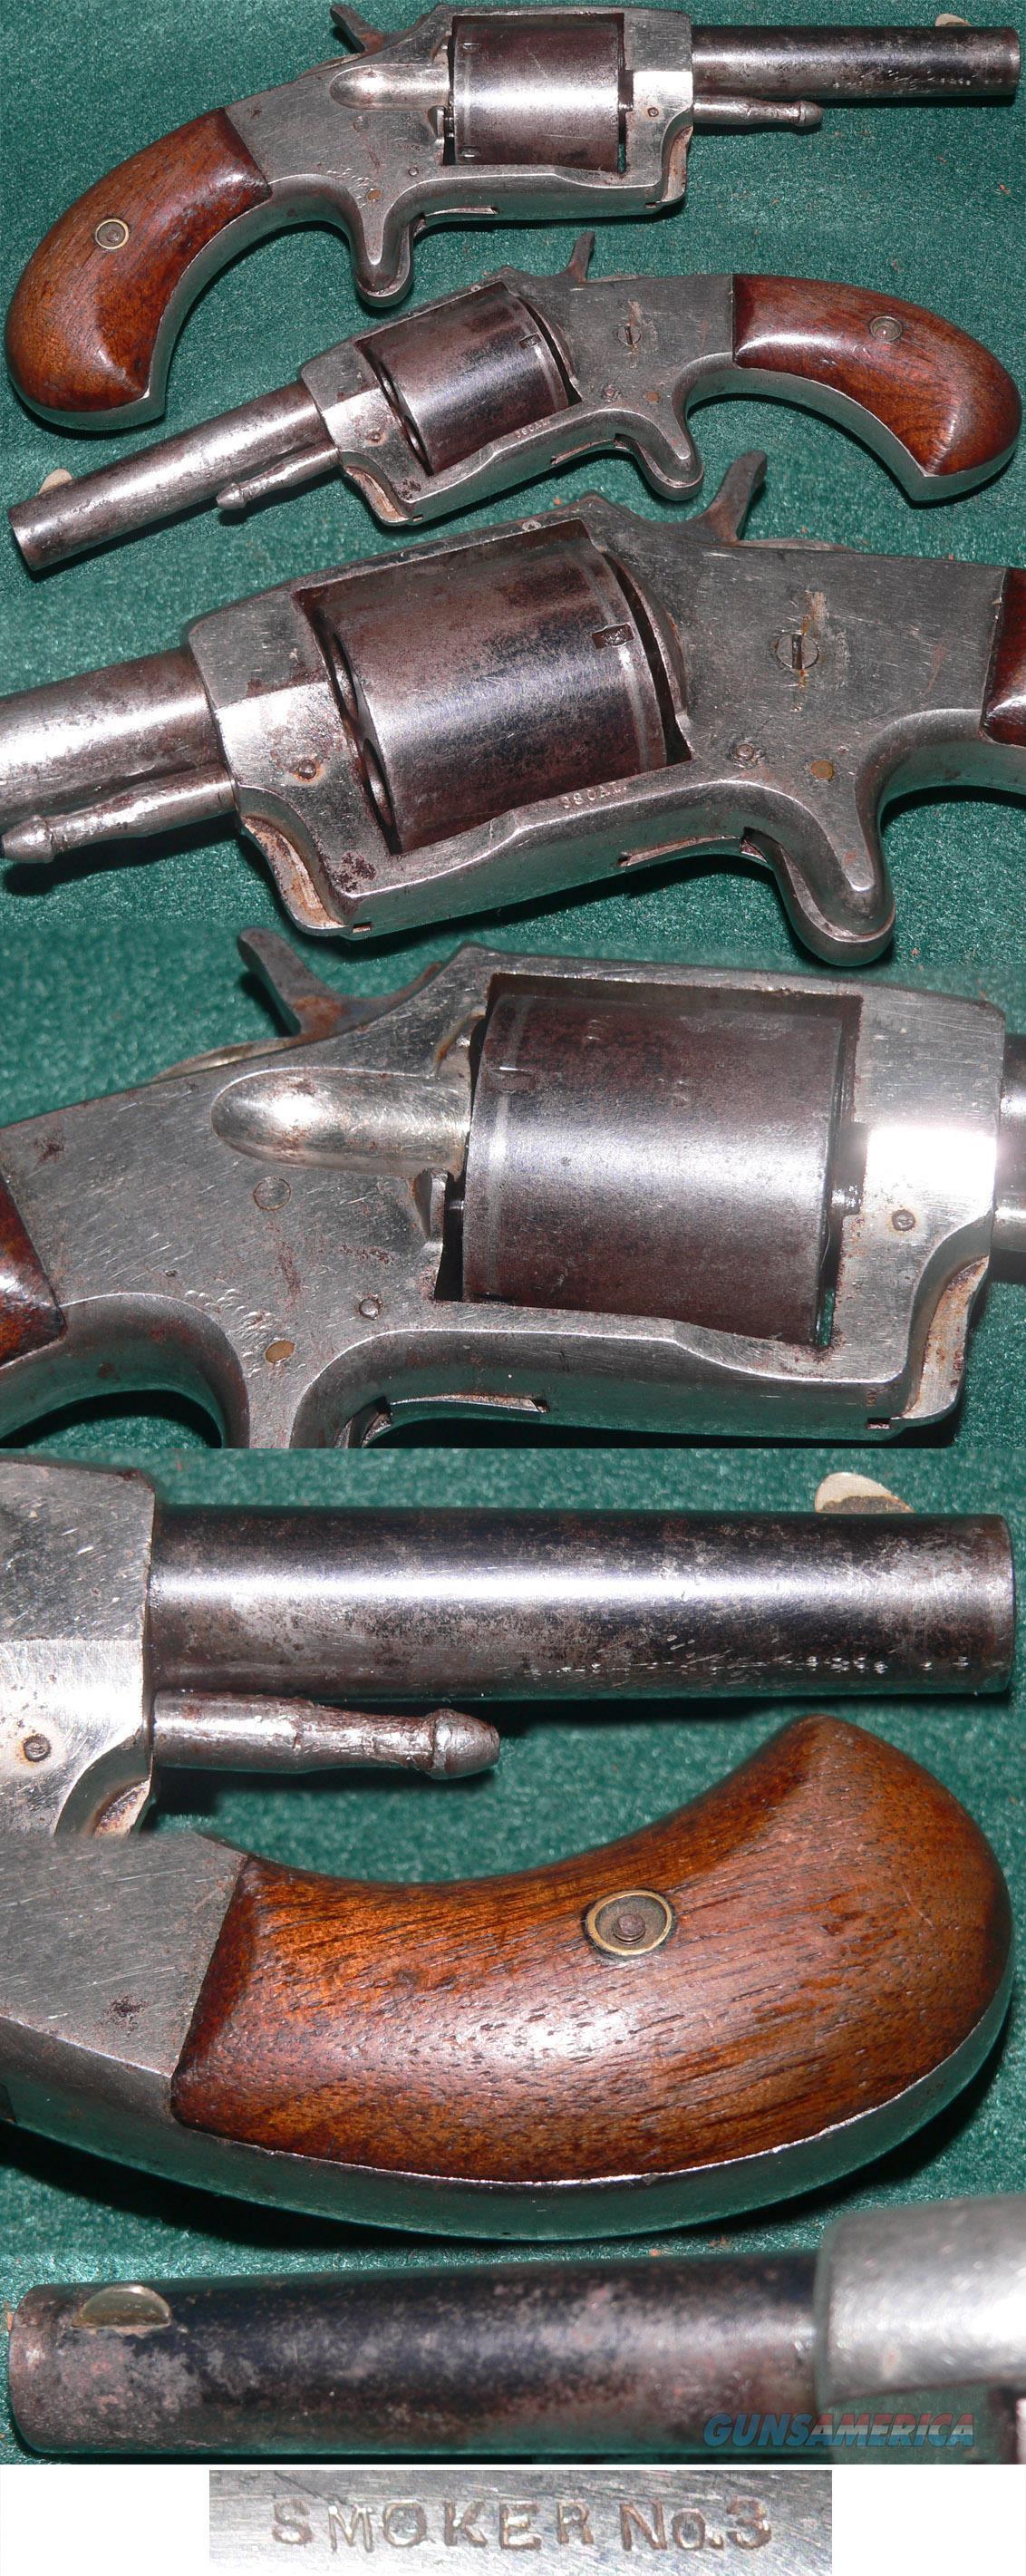 """Unusual """"Smoker No 3"""" 38 caliber revolver with nickel/blue bi-colored finish  Guns > Pistols > Antique (Pre-1899) Pistols - Ctg. Misc."""